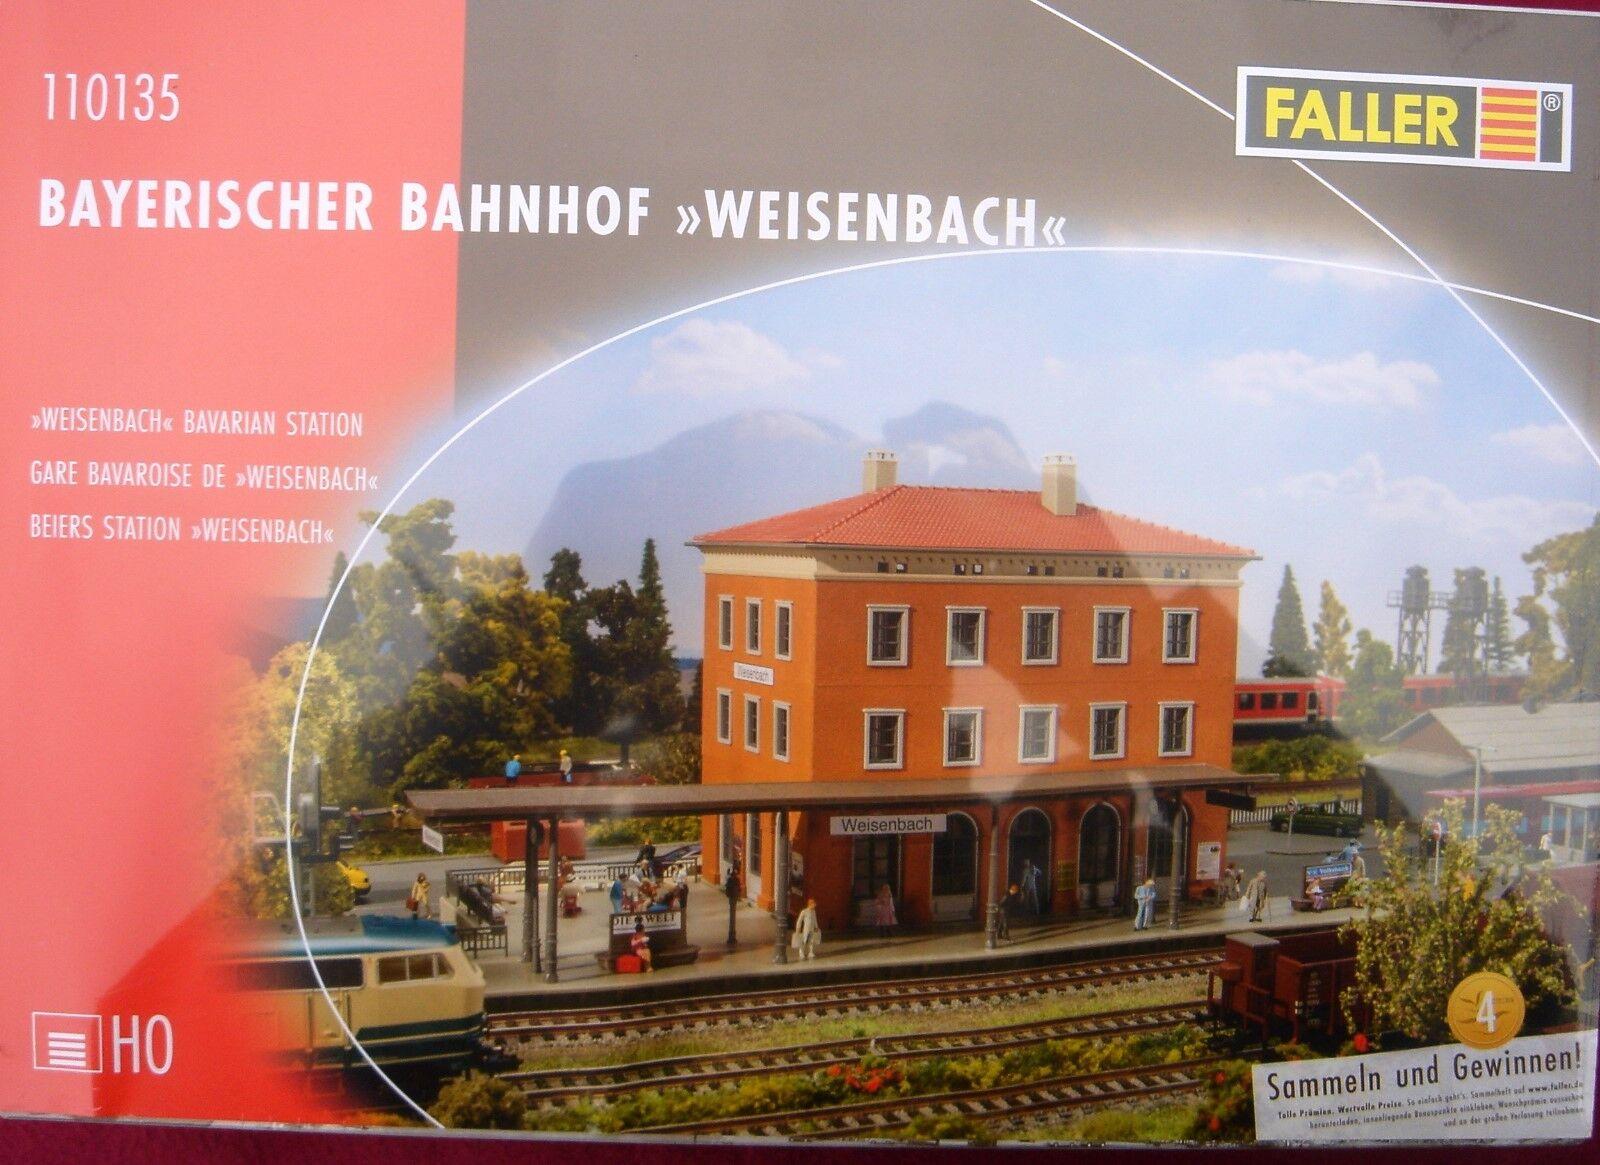 FALLER 110135 BAYERISCHER BAHNHOF  WEISENBACH  HO - NEU    Günstige